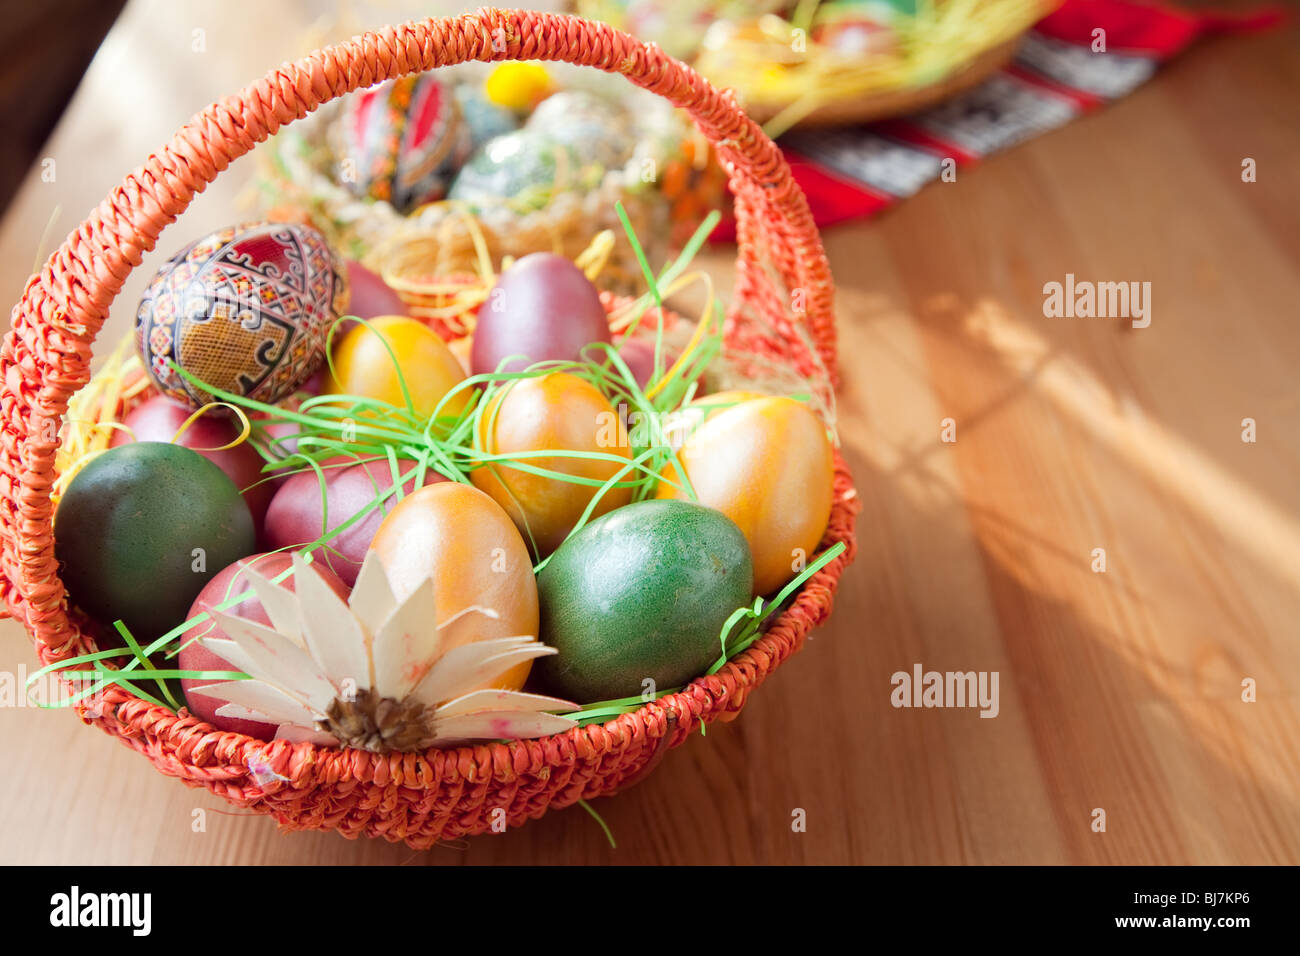 Les oeufs peints de Pâques dans un panier sur la table Photo Stock